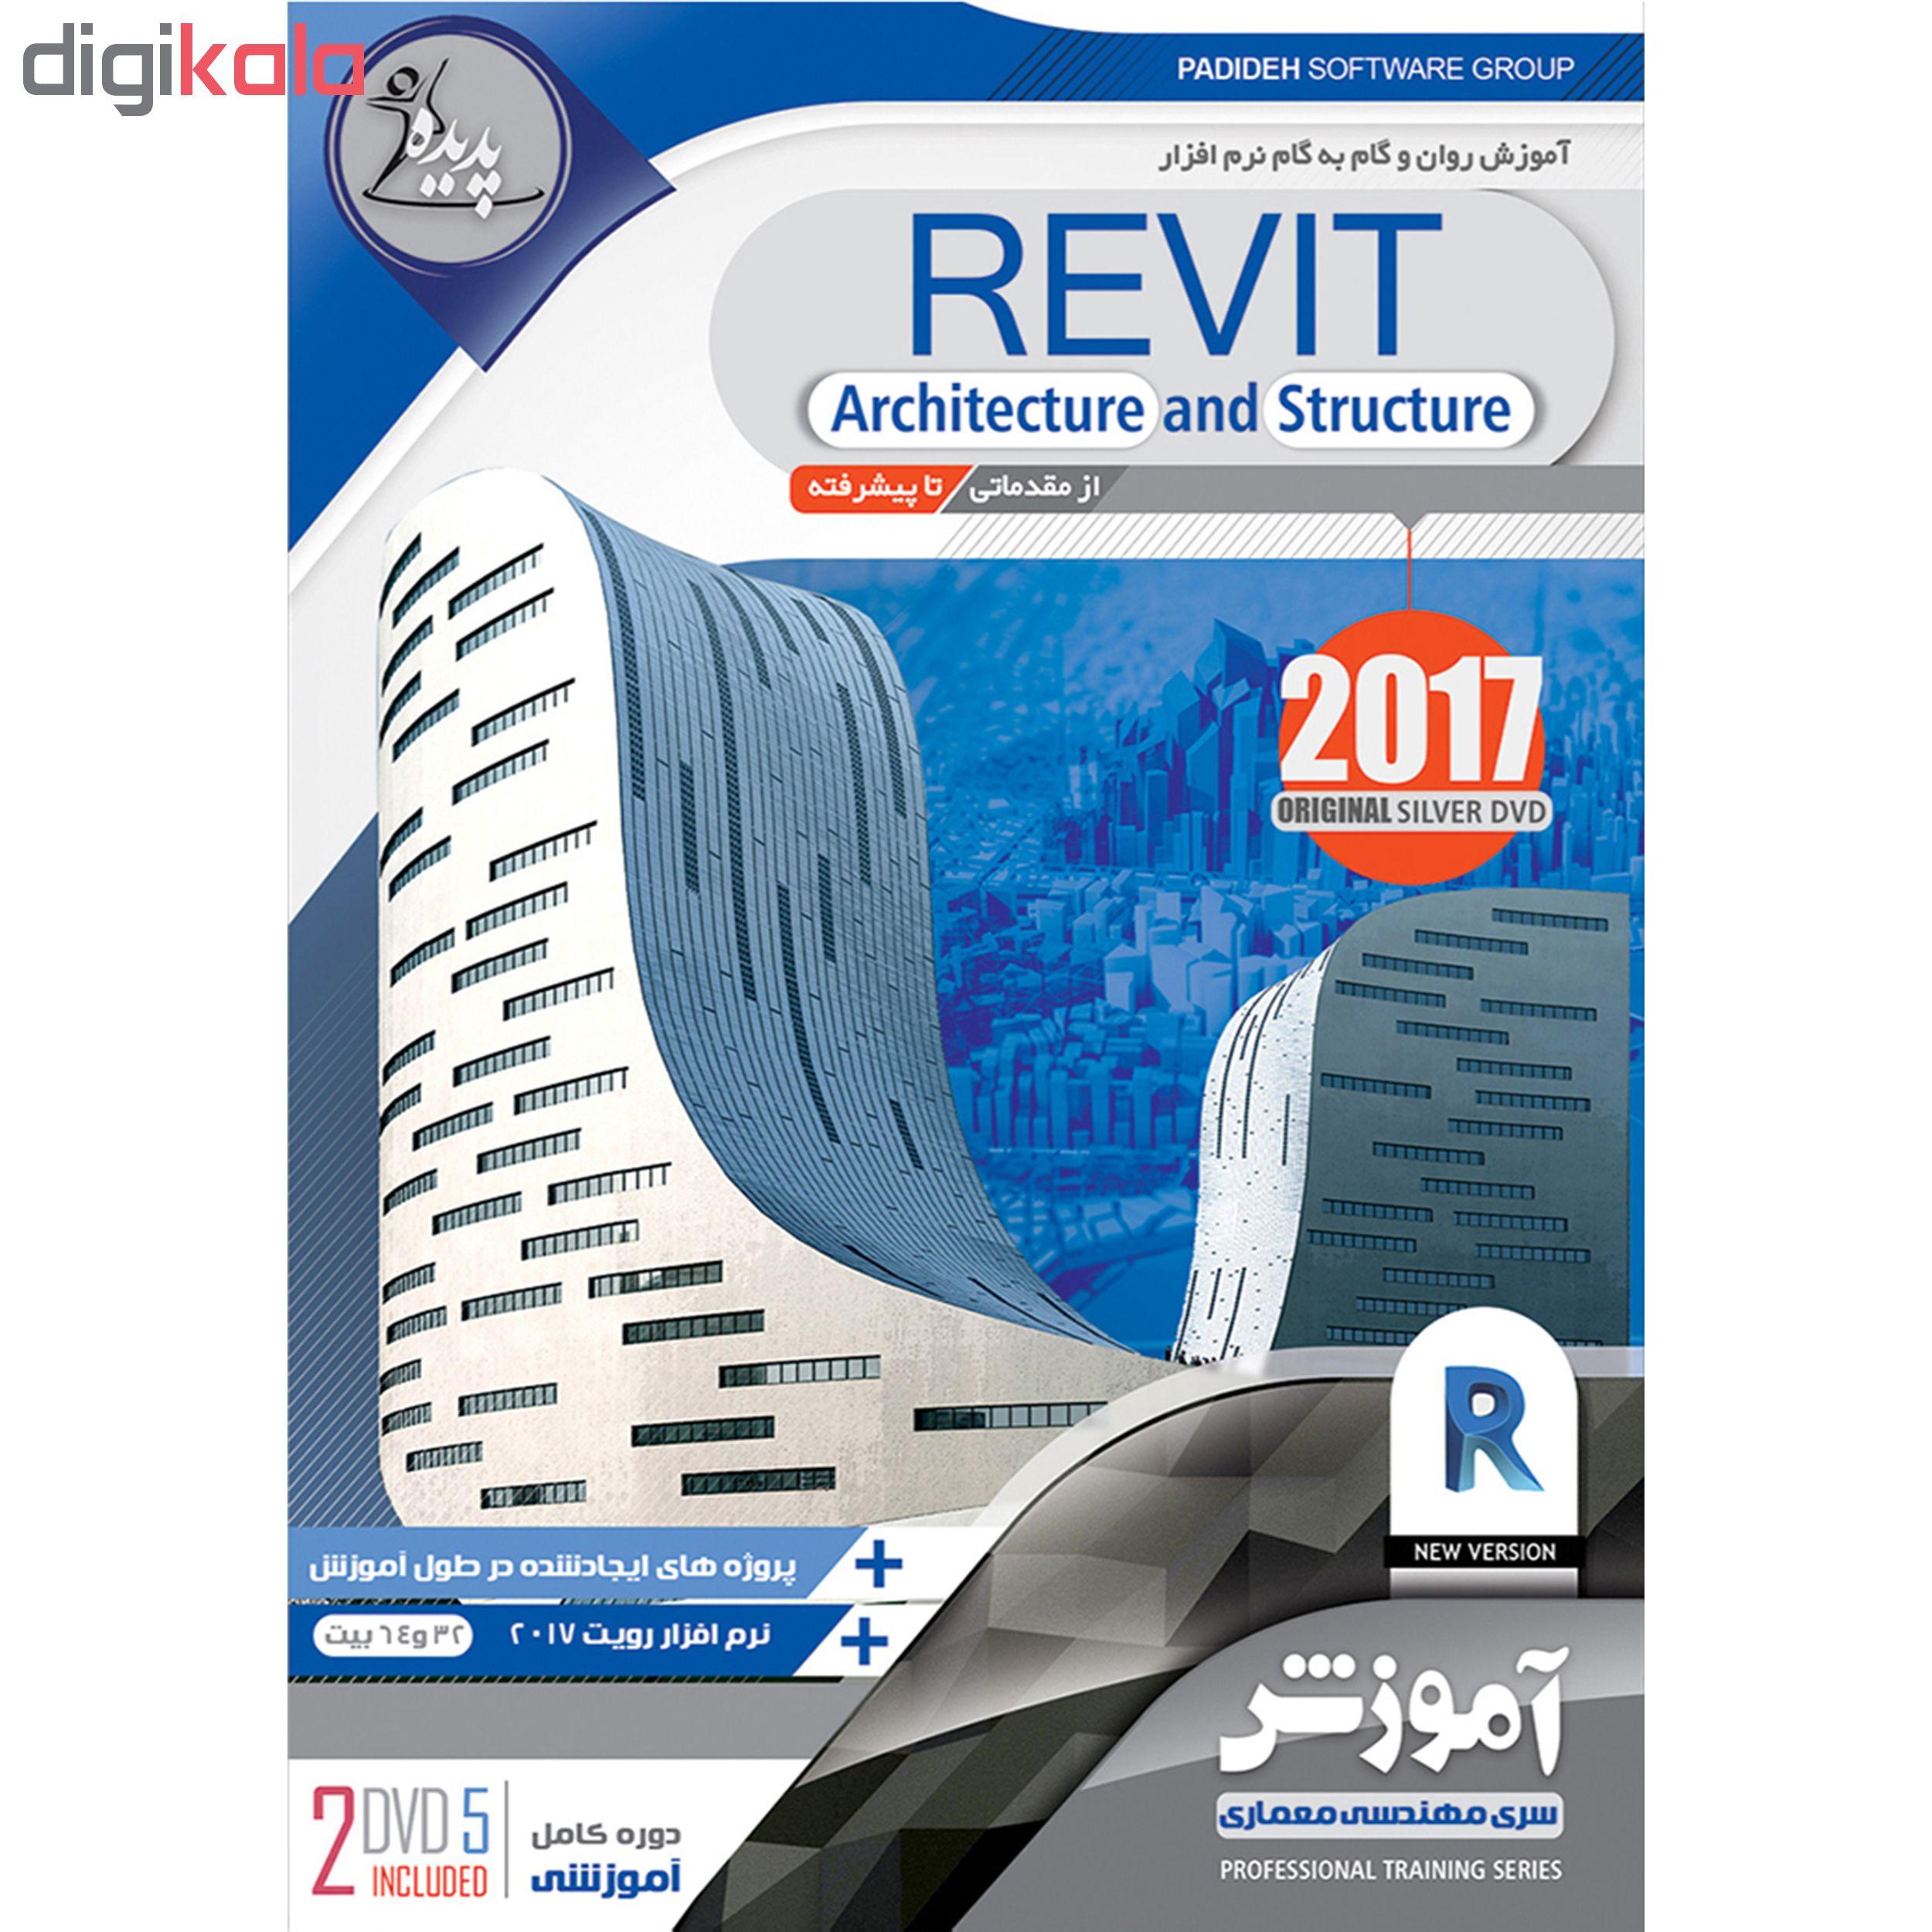 نرم افزار آموزش REVIT نشر نوین پندار به همراه نرم افزار آموزش REVIT نشر پدیده